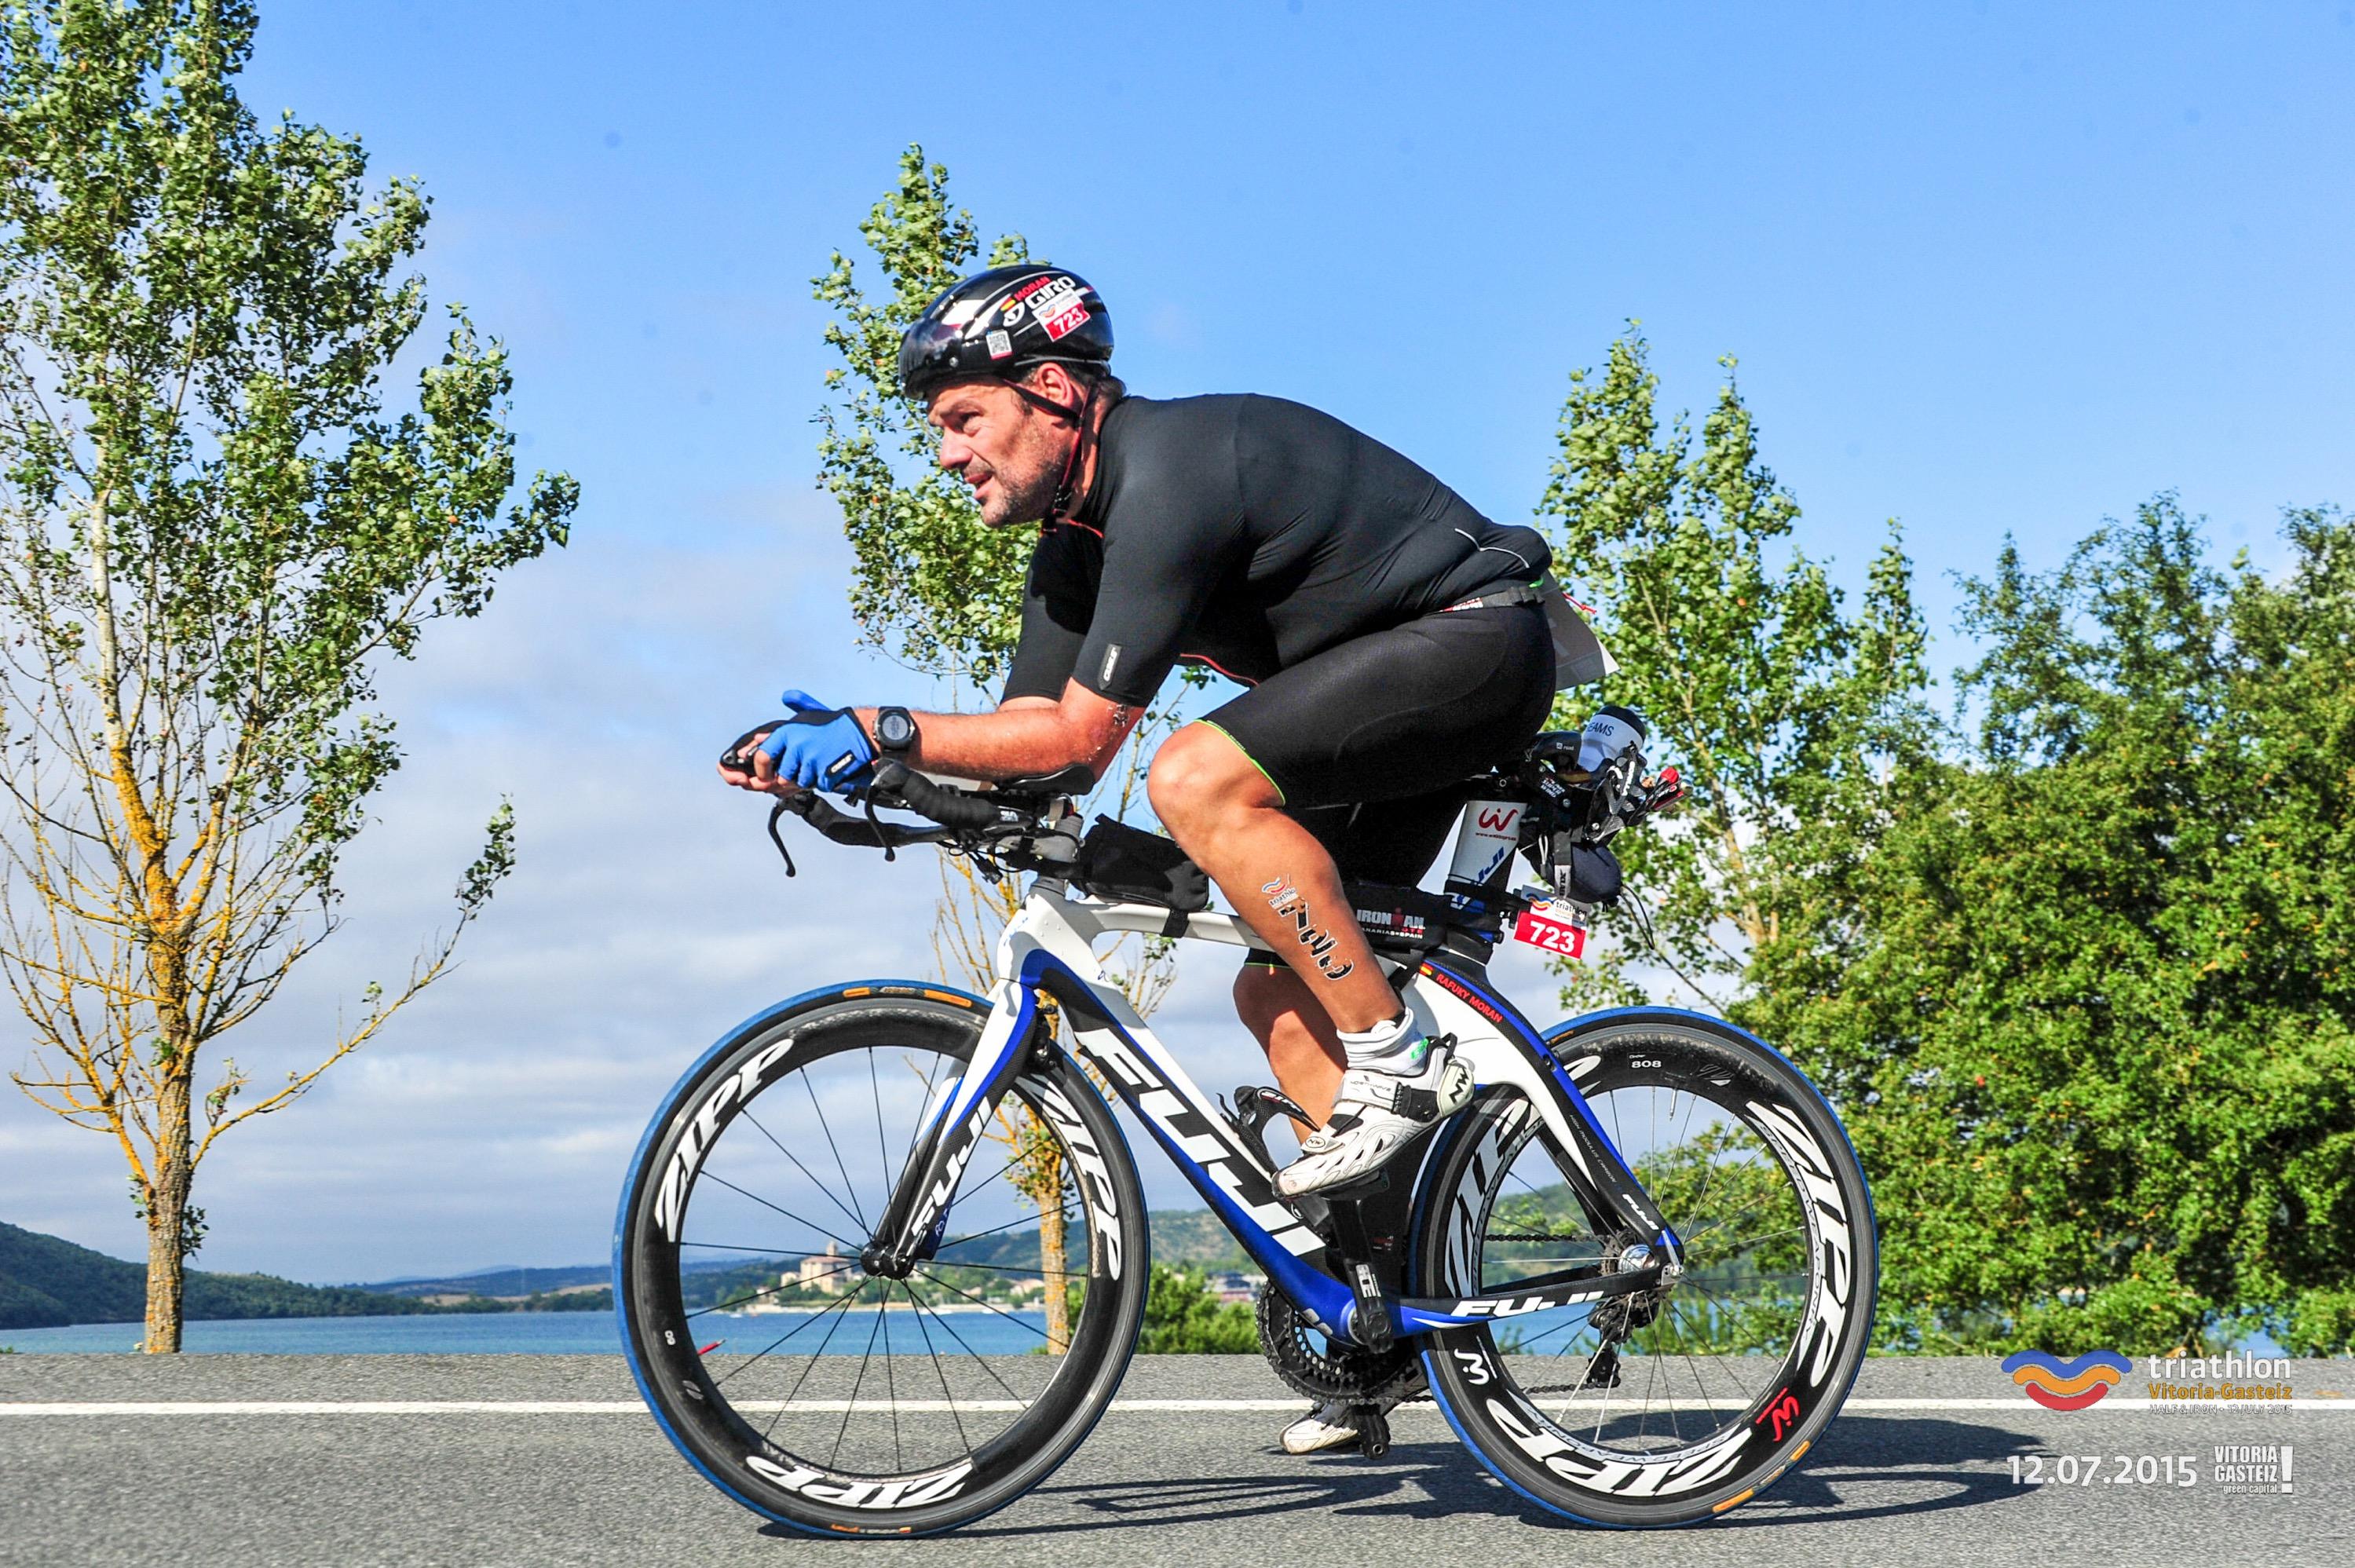 triathlon-vitoria-2015-917895-29387-2309